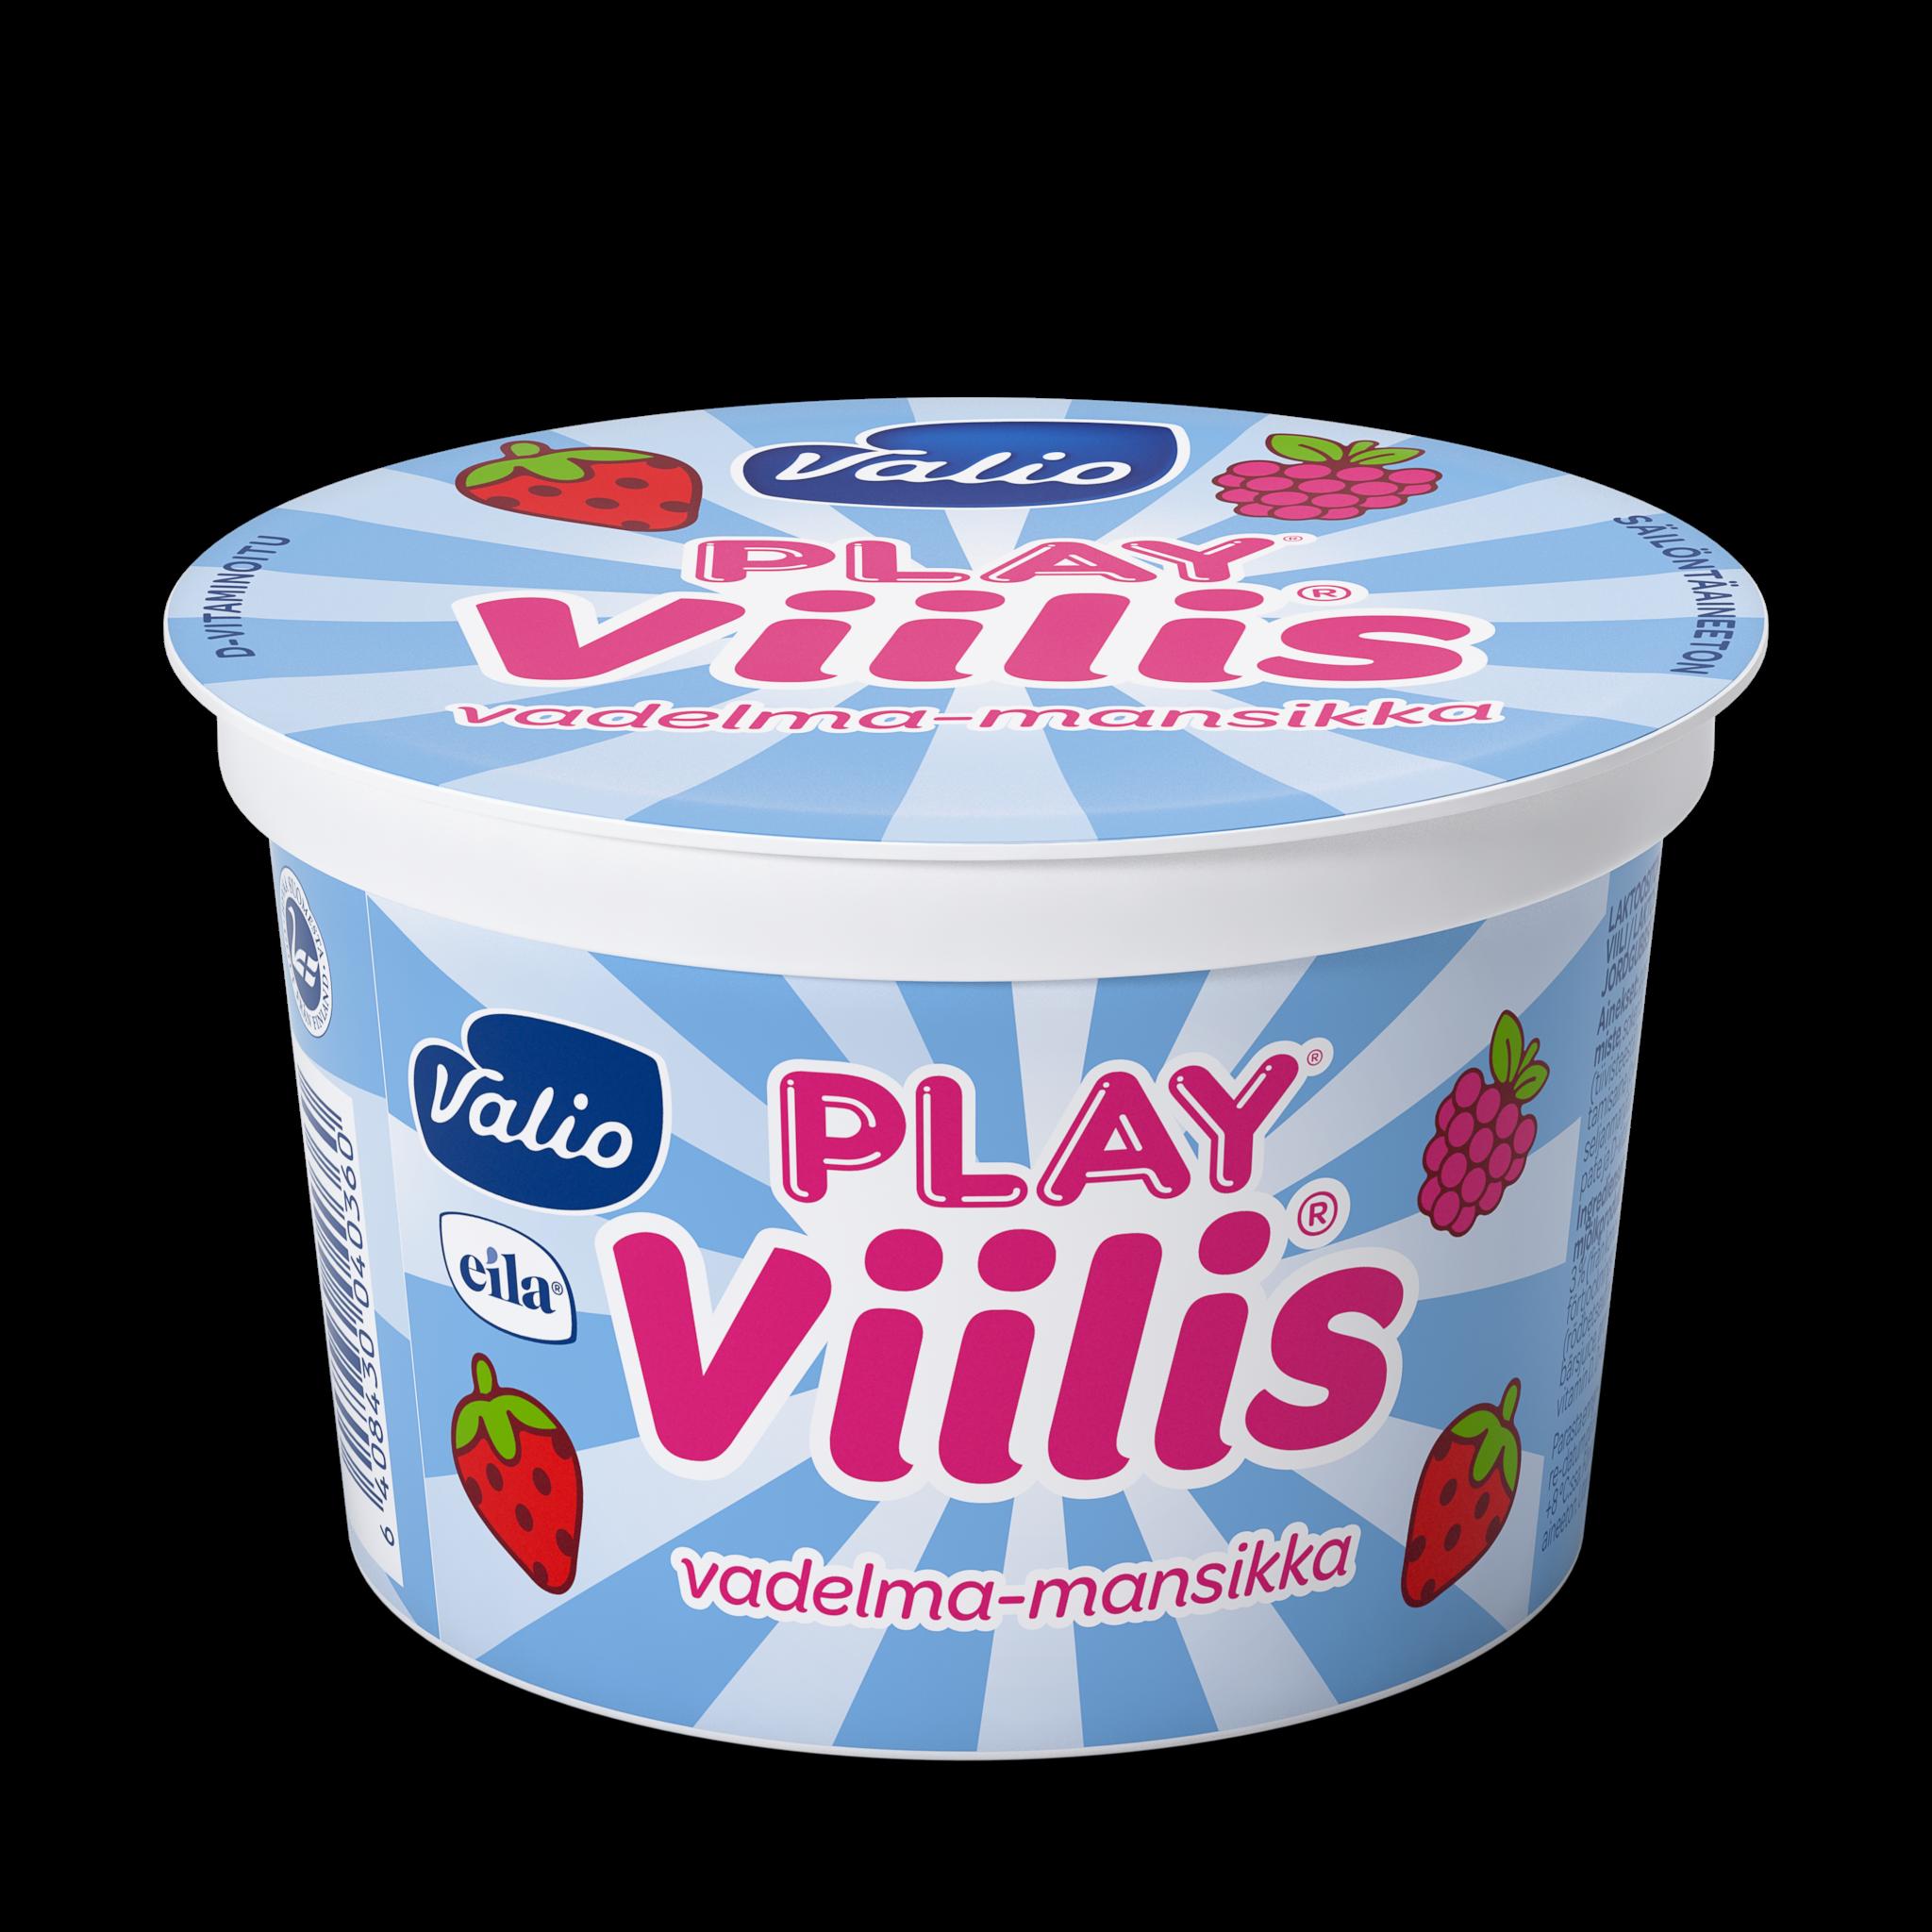 Valio Play® Viilis® vadelma-mansikka laktoositon